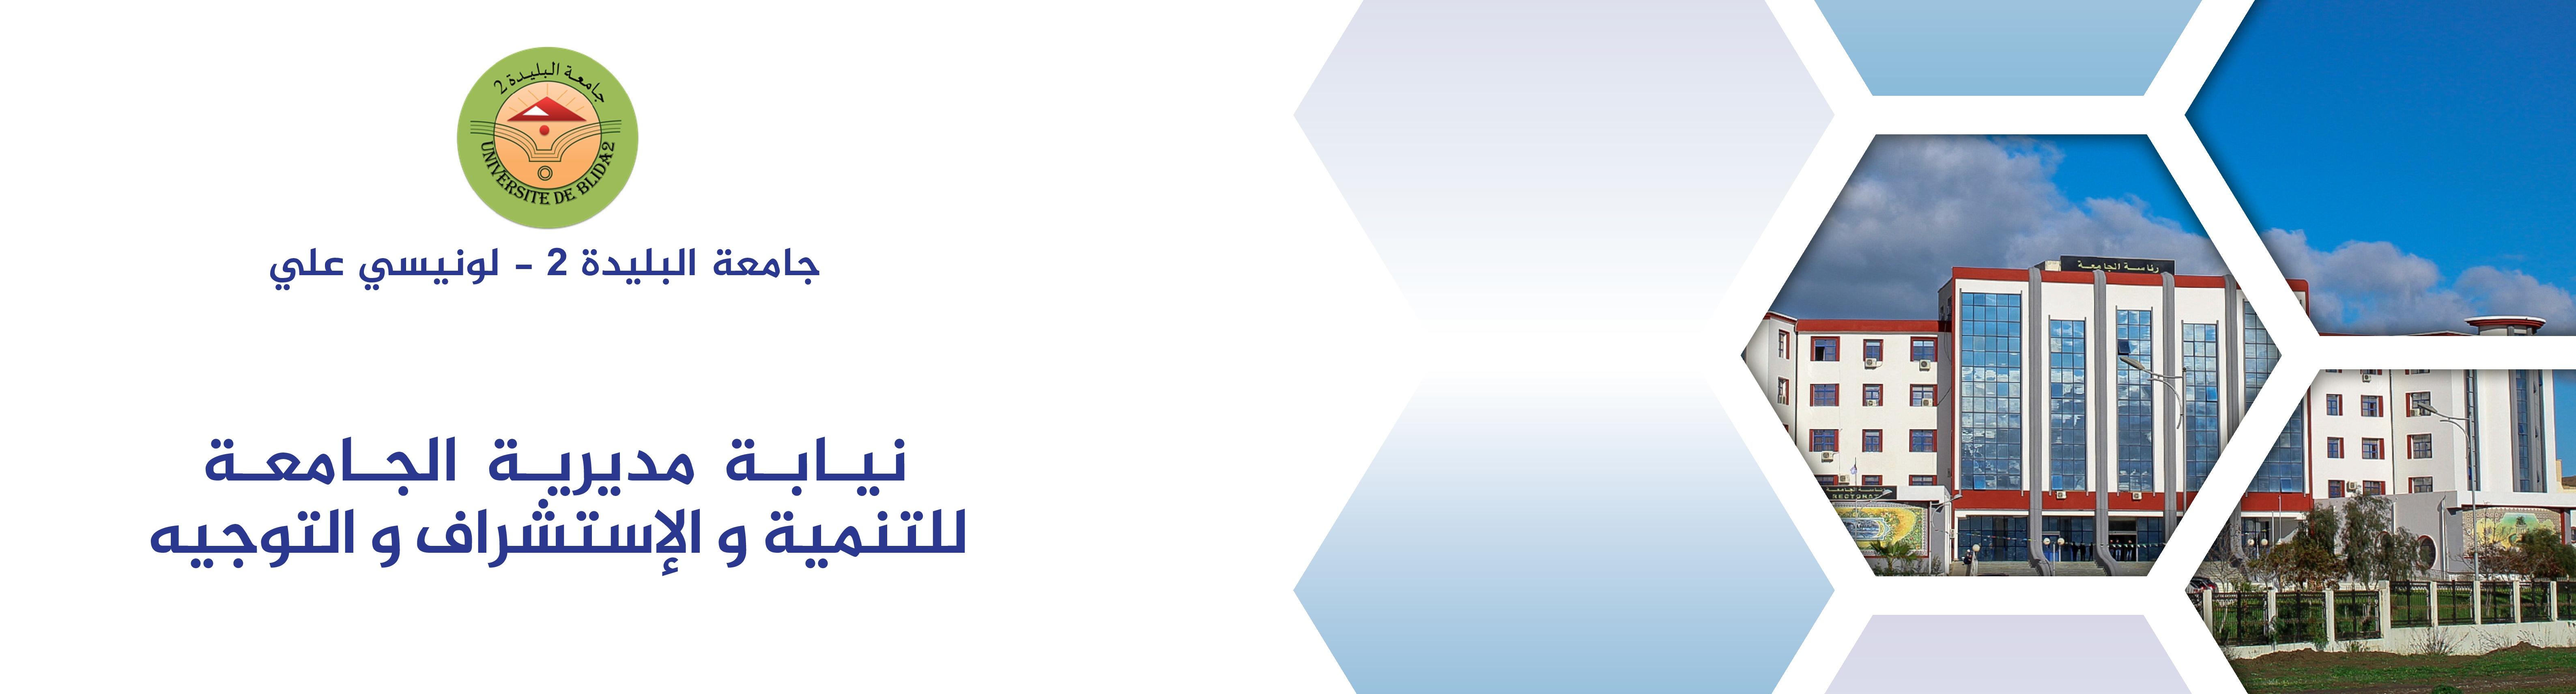 نيابة مديرية الجامعة للتنمية و الإستشراف و التوجيه